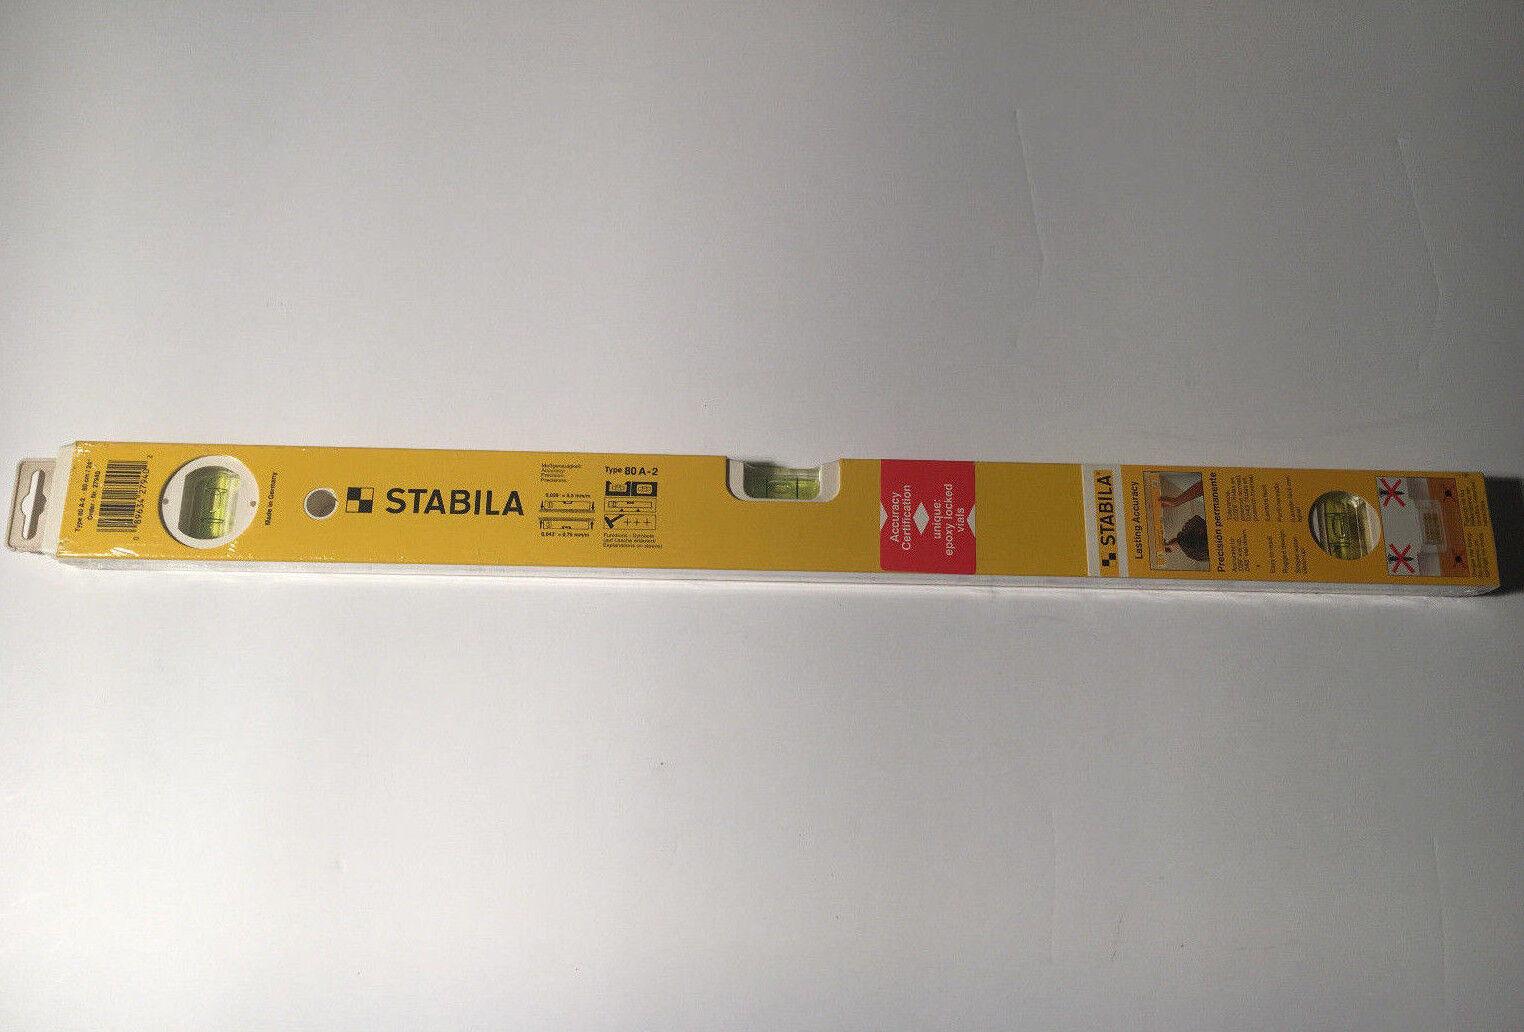 Stabila 80 A-2 Level Aluminum 24